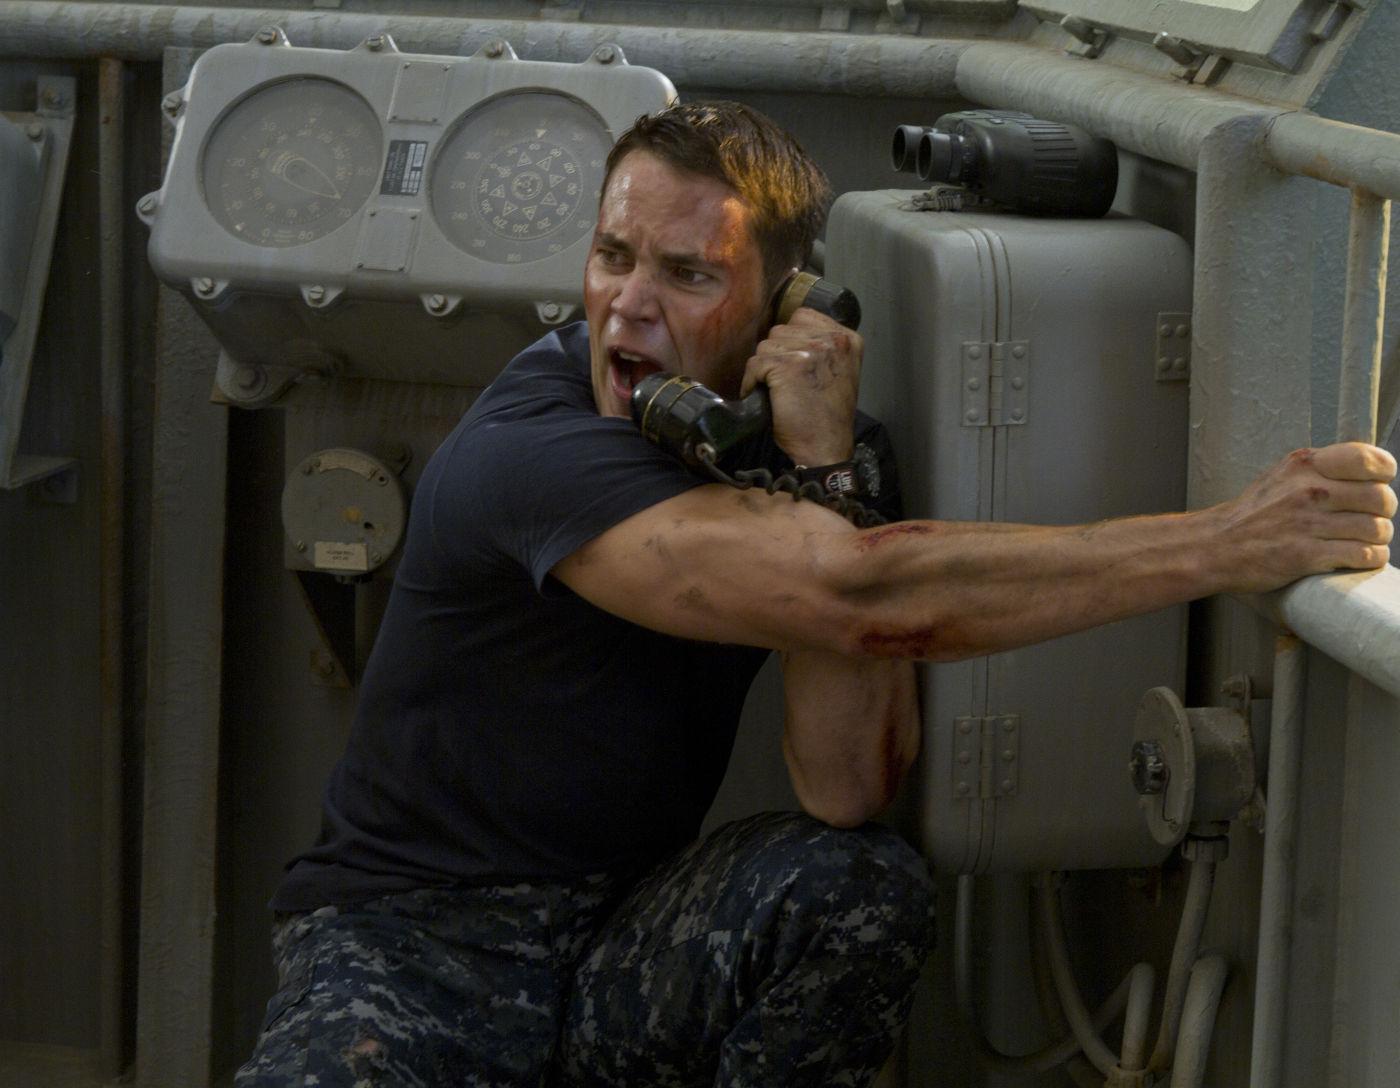 http://2.bp.blogspot.com/-HPizYrLxLRQ/T4VgZXsZsVI/AAAAAAAAEF4/TVCQMFBnACw/s1600/battleship+pic+2.jpg